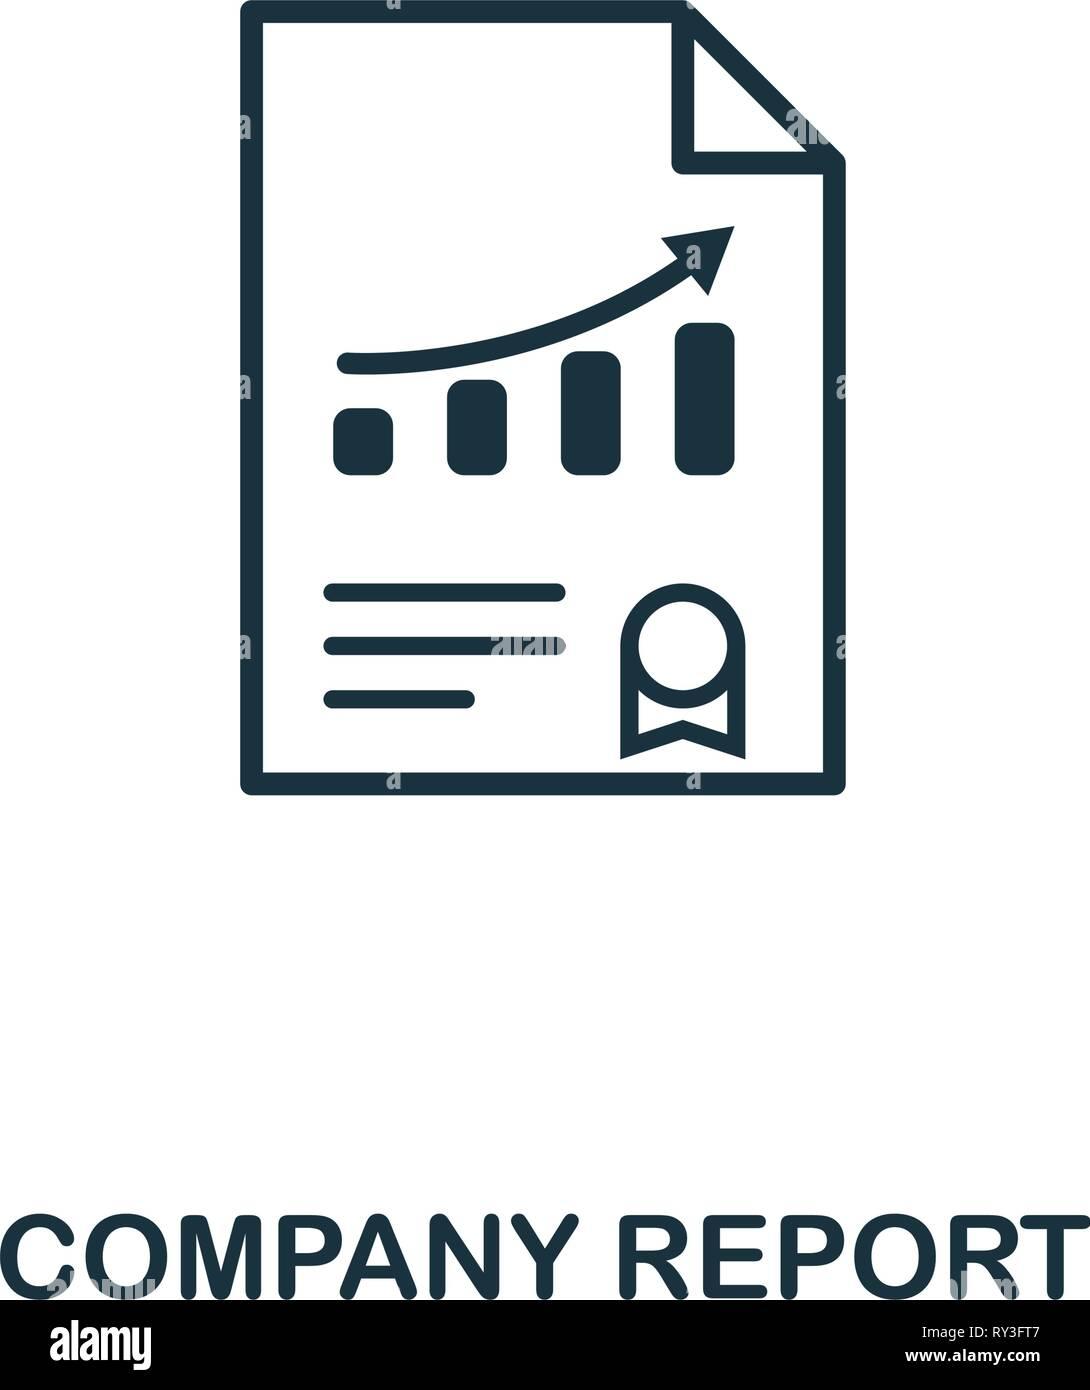 Icono de informe de la compañía. Diseño de elemento creativo de colección de iconos de gestión de riesgos. Pixel Perfect Empresa icono de informe para el diseño web, aplicaciones, software Imagen De Stock